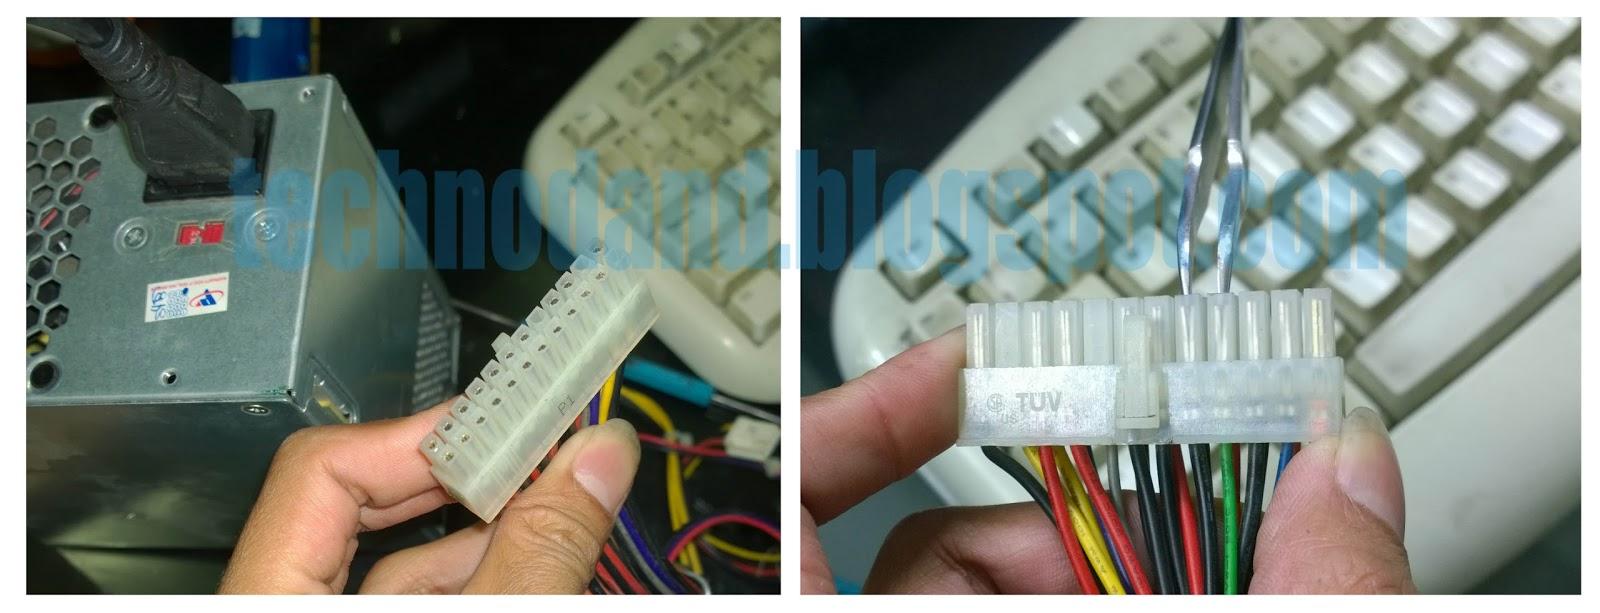 Cara Perbaikan Hardware Komputer Secara Umum Technodand Kabel Power Colokan Listrik Pln Ke Supply Seteleh Itu Konsletkan Yang 24 Pin Yaitu Warna Hitam Dan Hijau Dengan Menggunakan